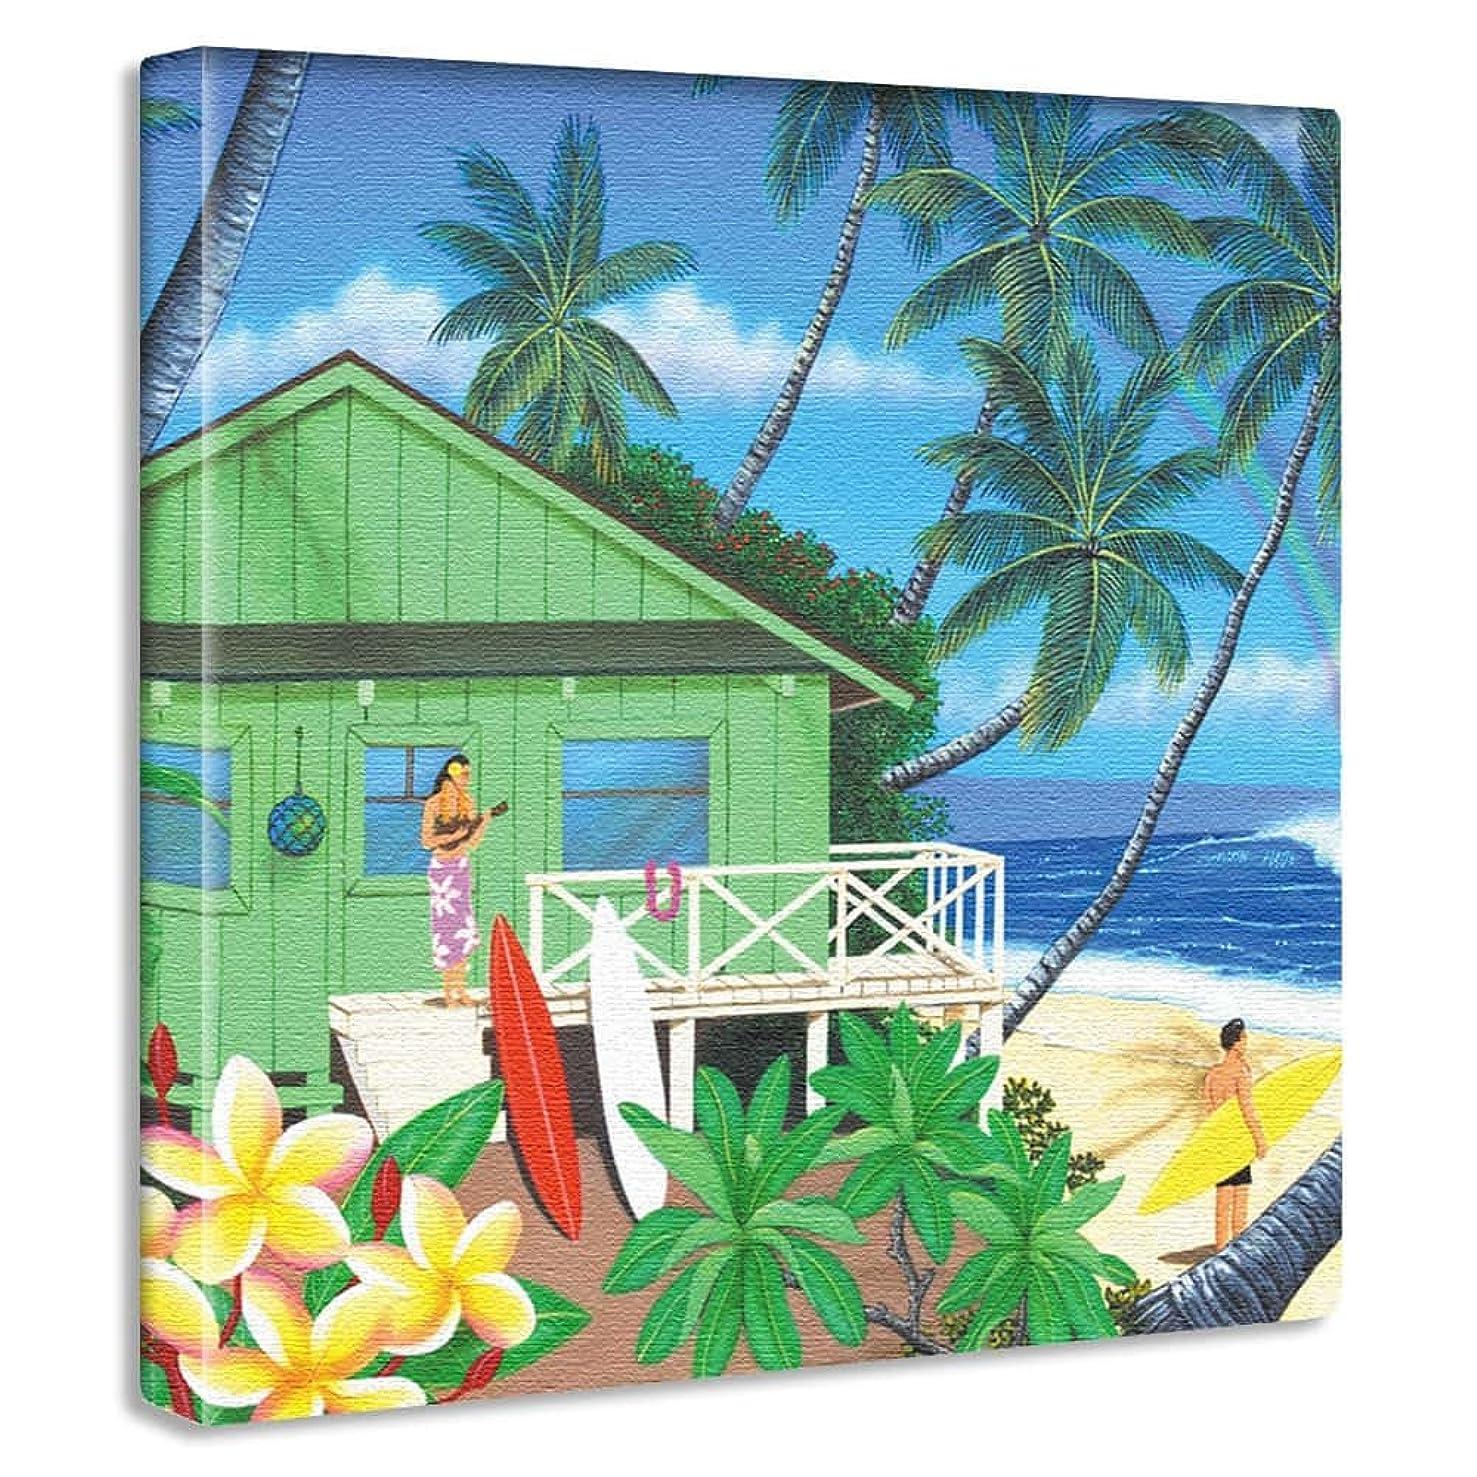 幻想離婚るアートデリ ポスター パネル HILO KUME 30cm × 30cm ヒロクメ 日本製 軽量 ファブリック ハワイ ハワイアンhrk-0008